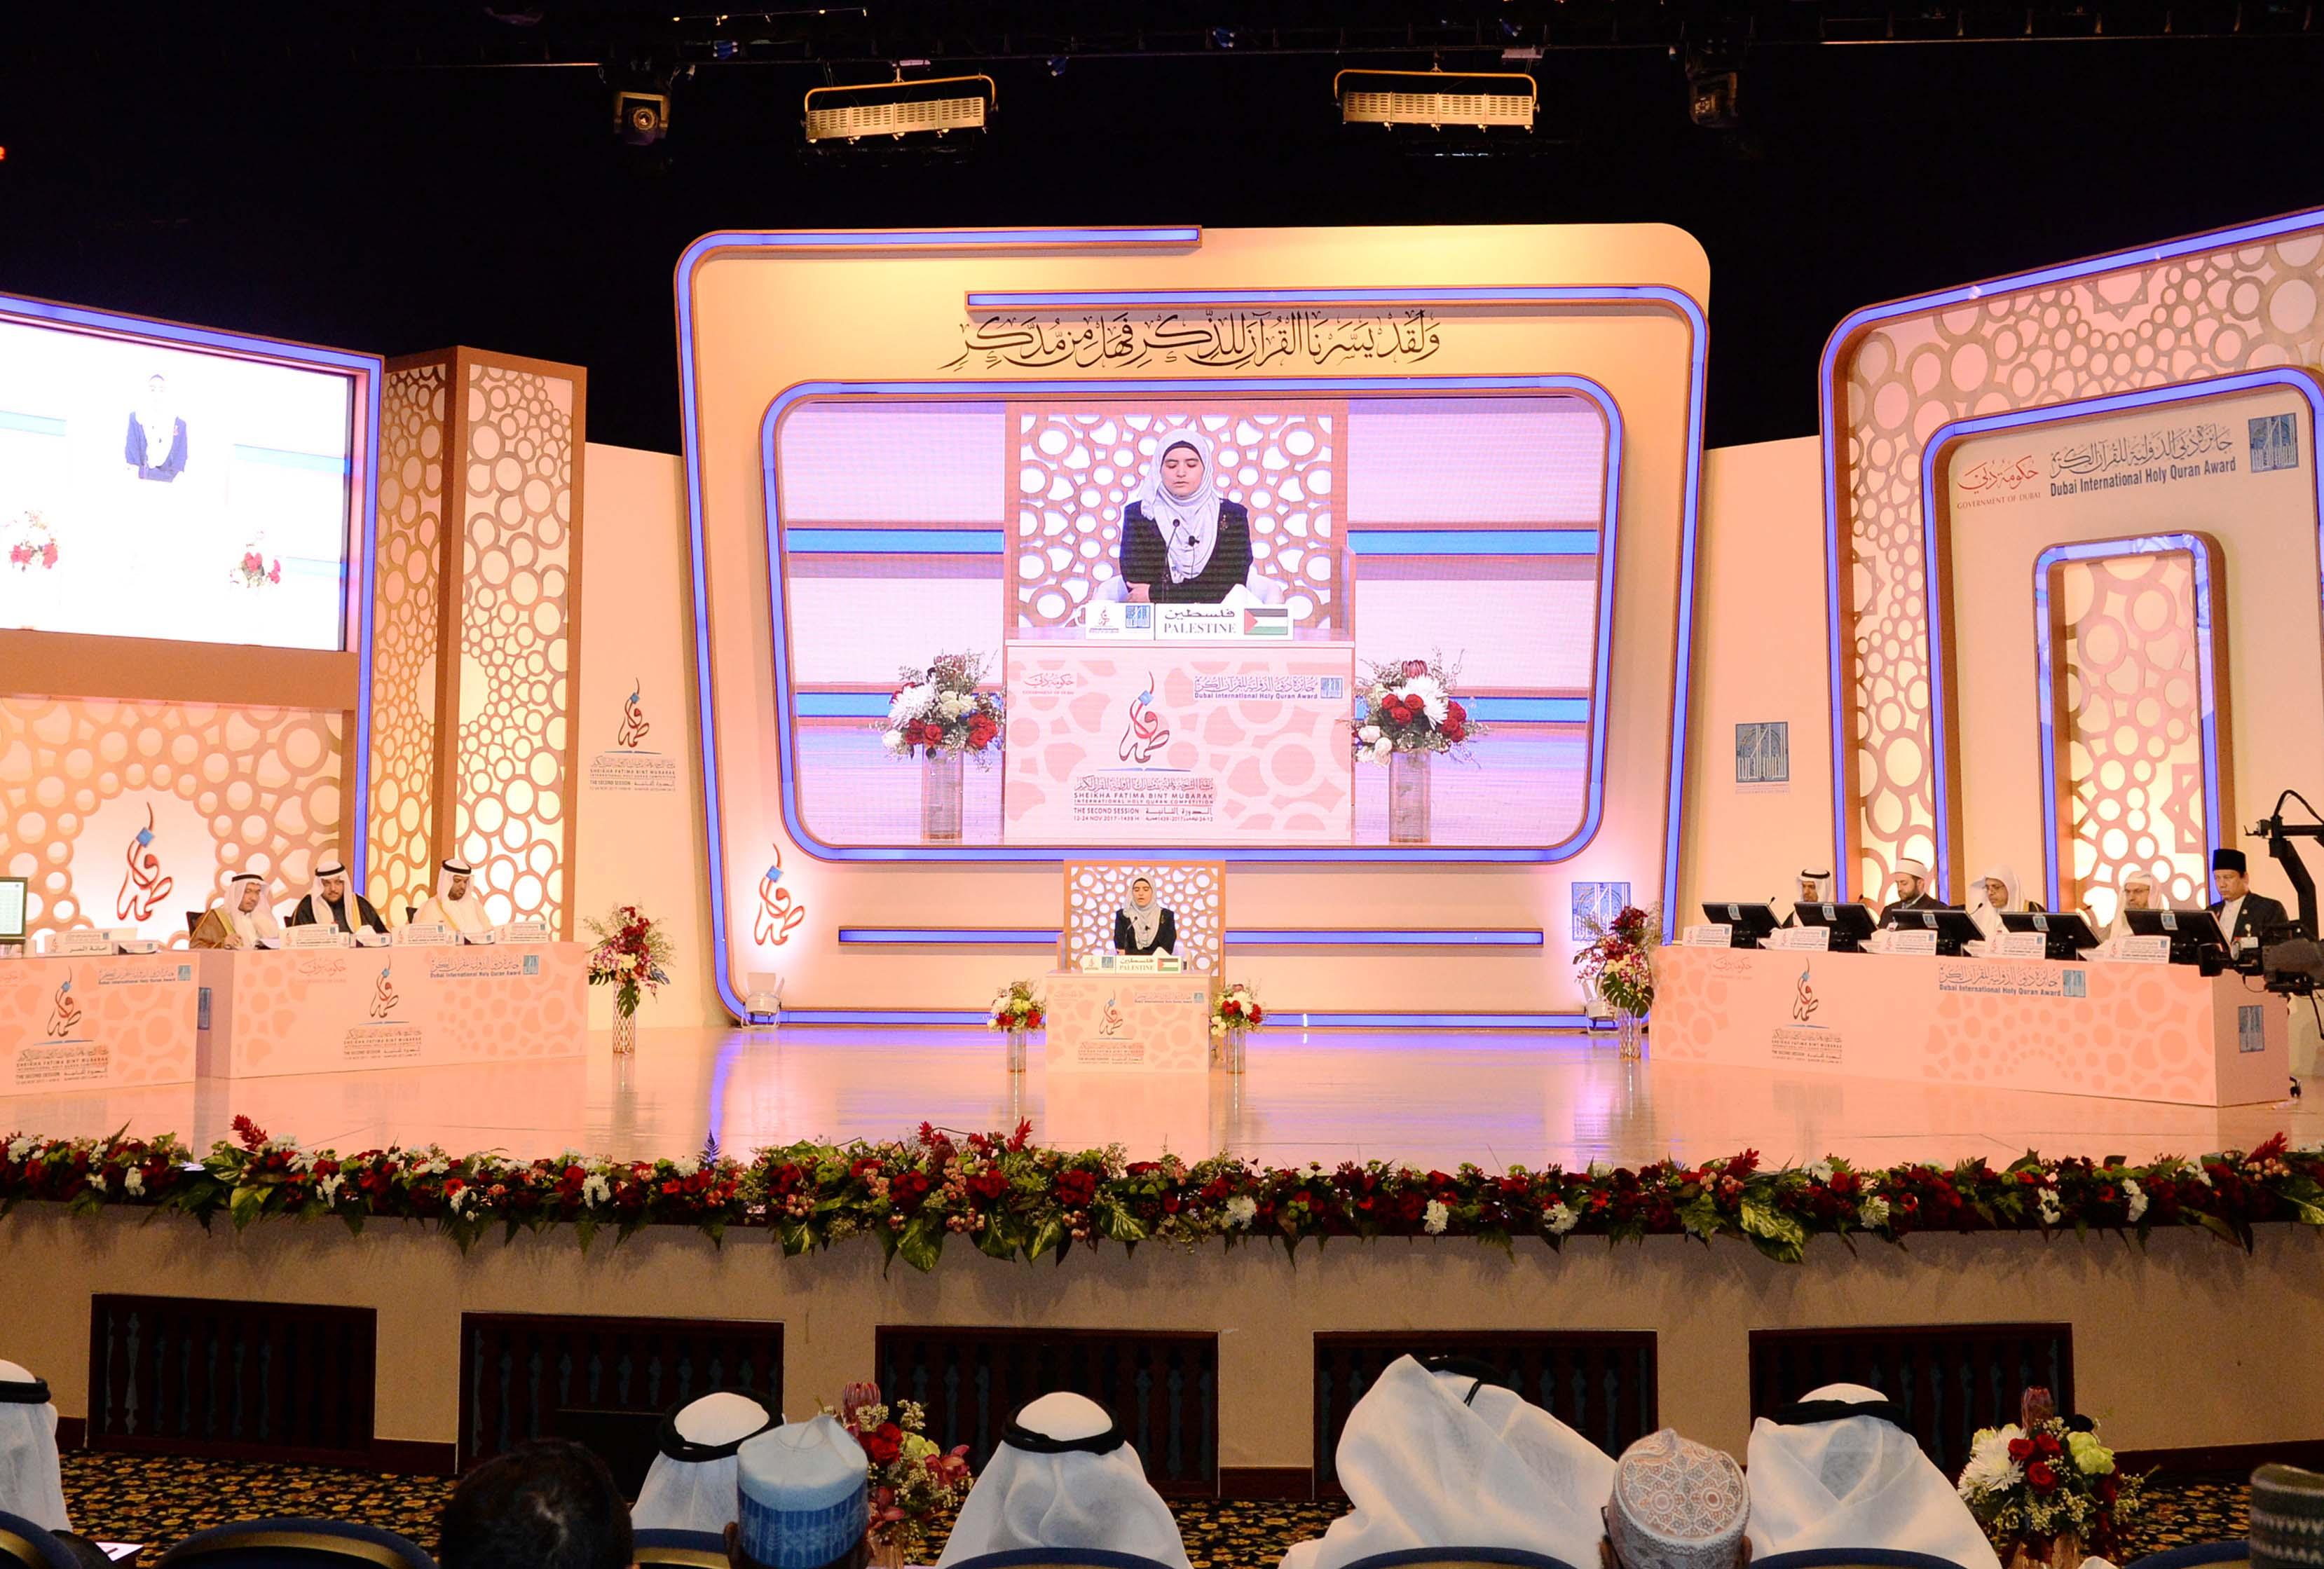 Dubai Quran Award all set for Sheikha Fatima Bint Mubarak